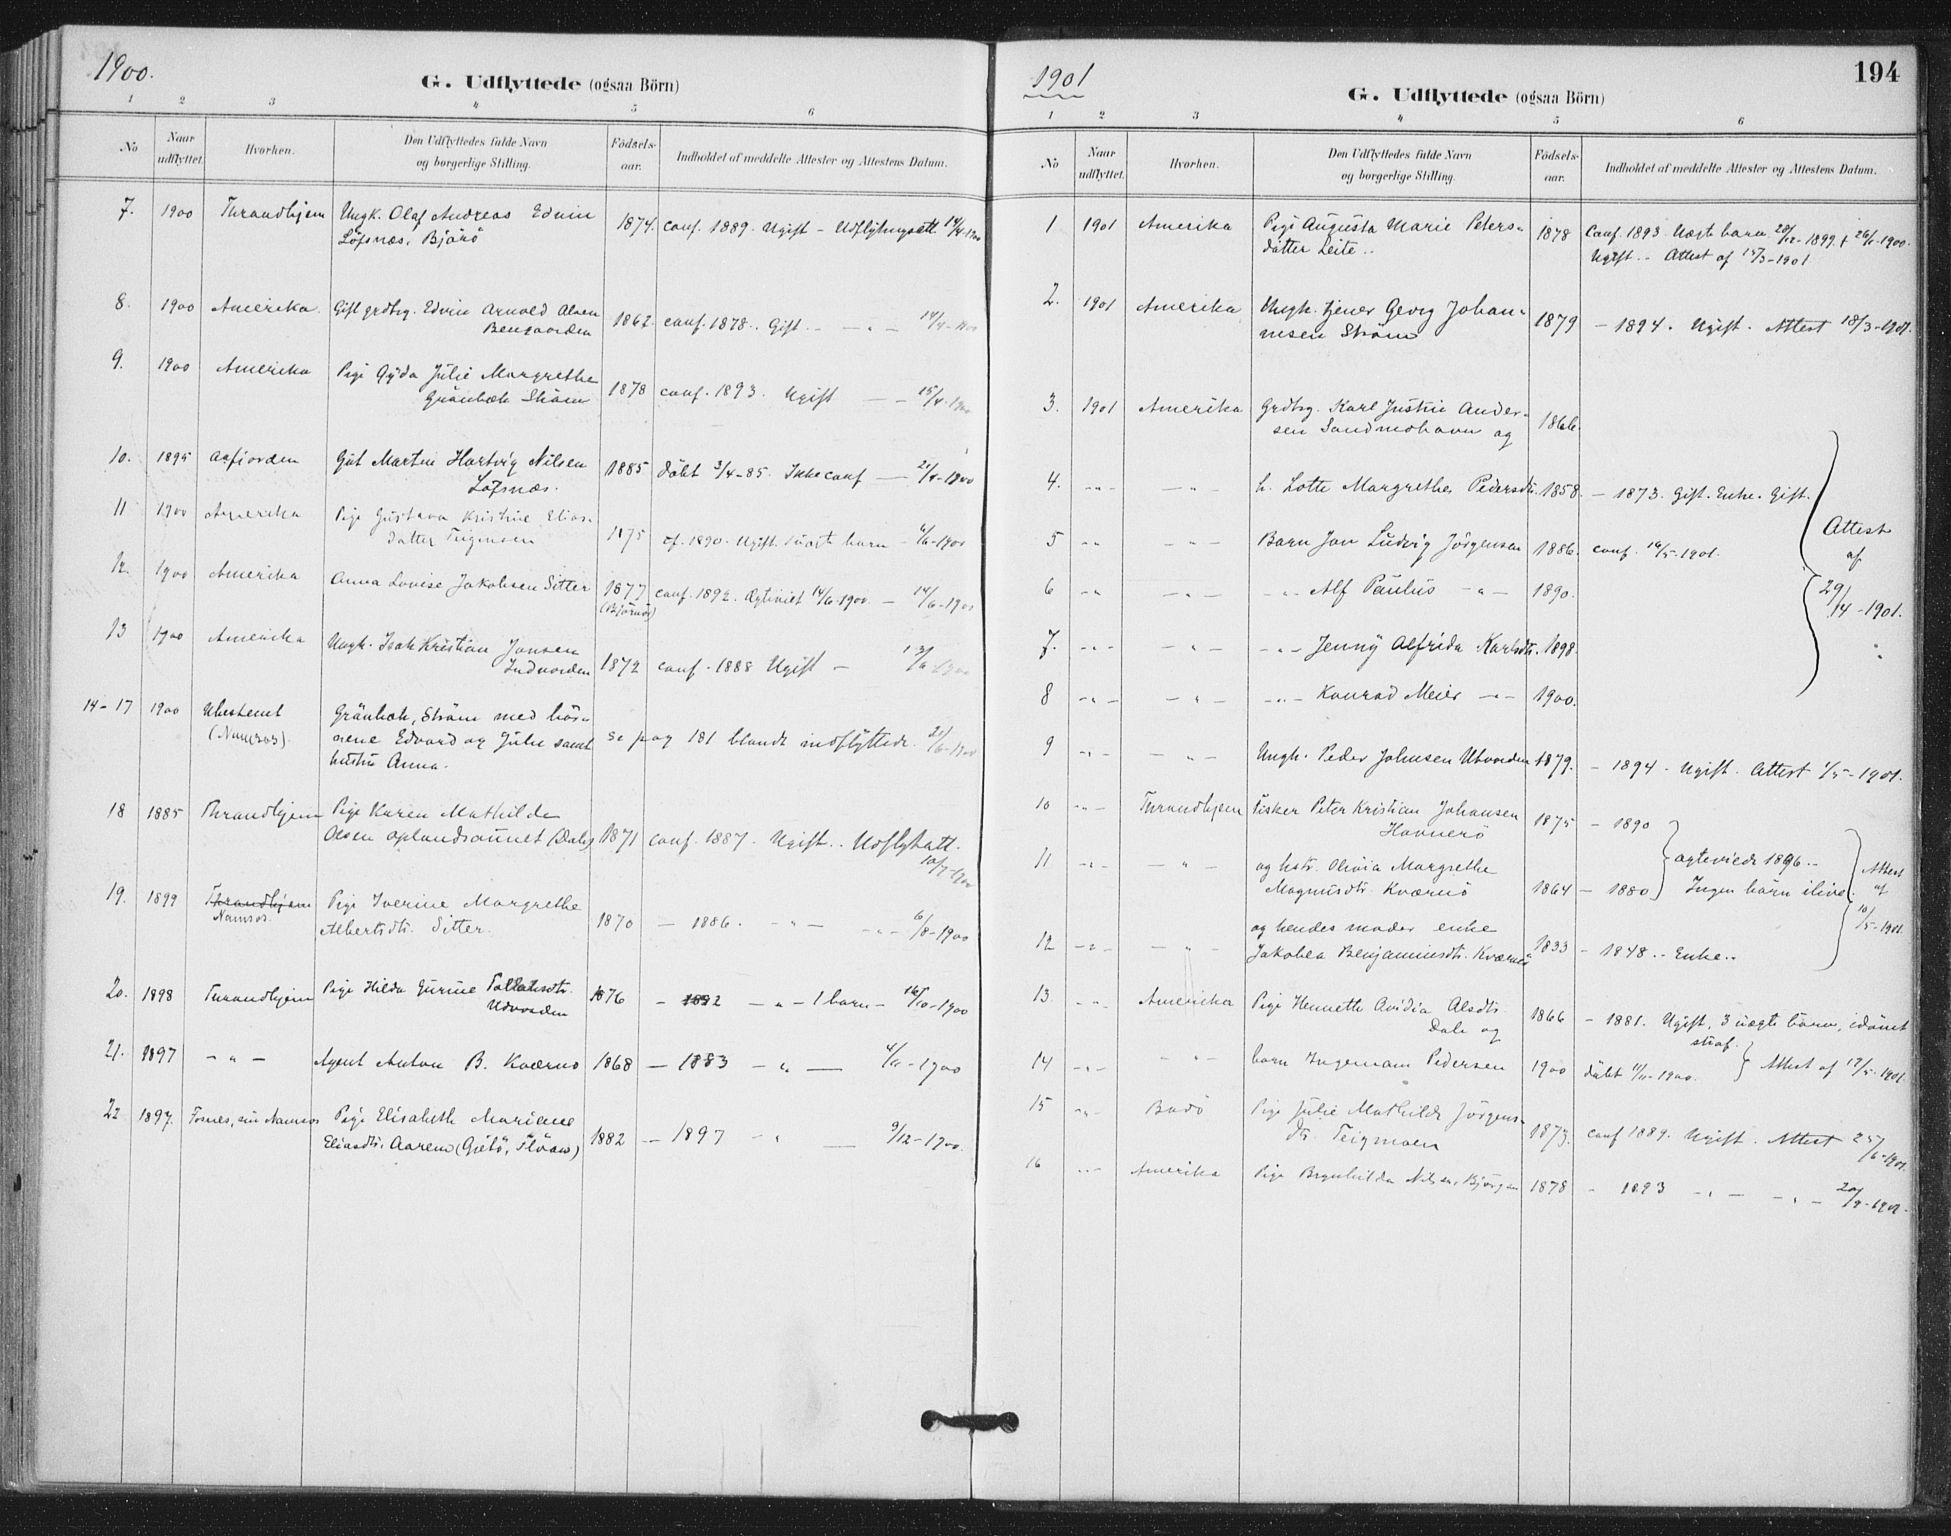 SAT, Ministerialprotokoller, klokkerbøker og fødselsregistre - Nord-Trøndelag, 772/L0603: Ministerialbok nr. 772A01, 1885-1912, s. 194